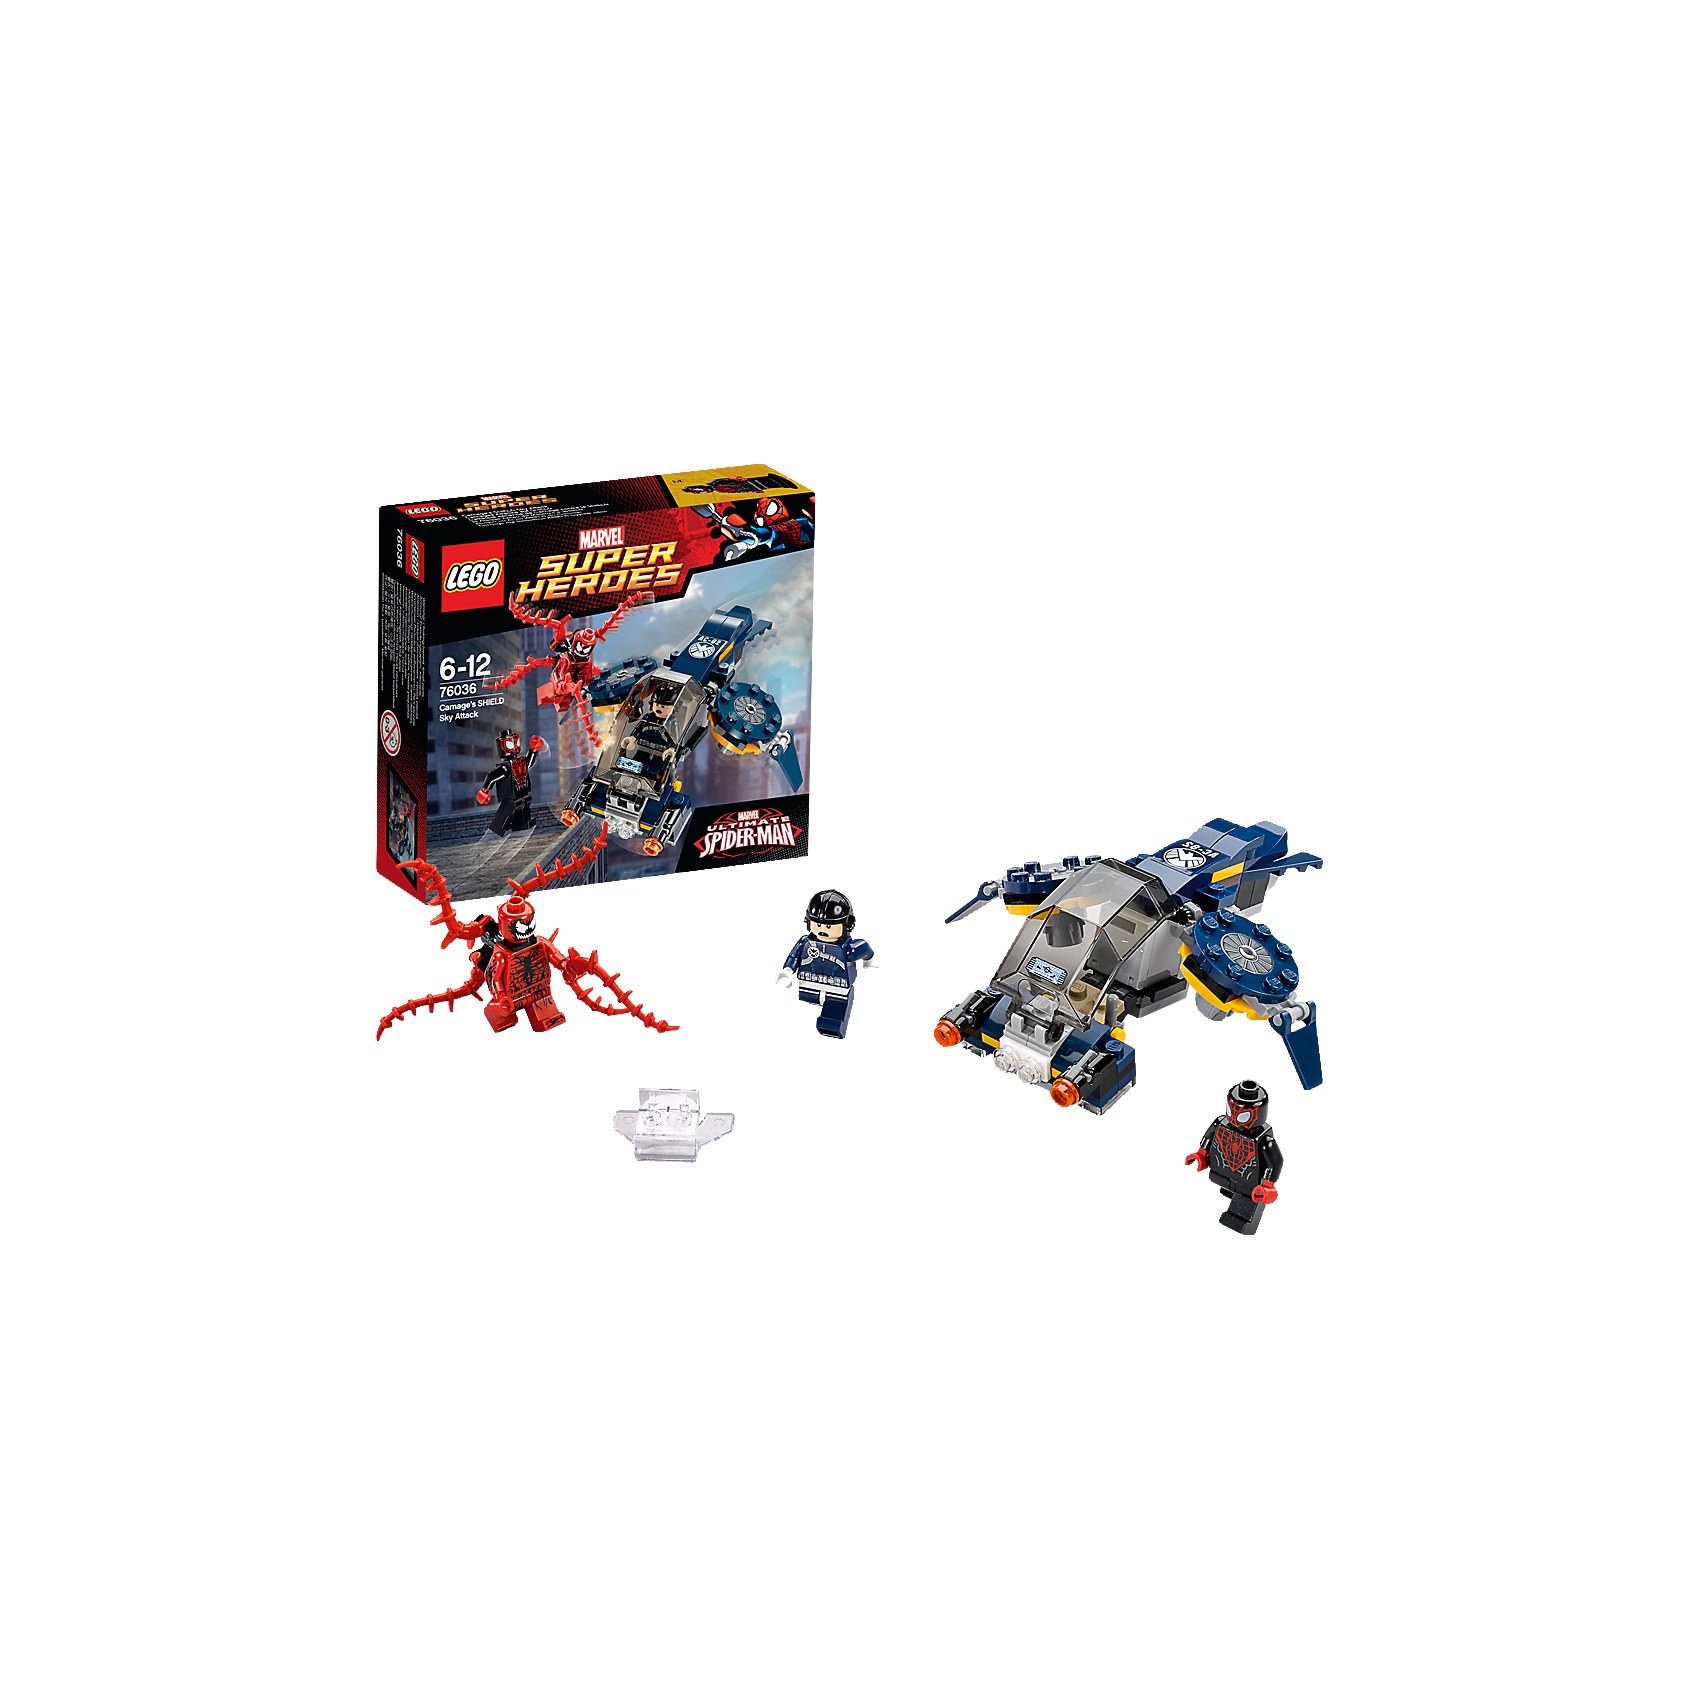 LEGO LEGO Super Heroes 76036: Воздушная атака Карнажа конструкторы lego lego игрушка супер герои битва супергероев модель 76044 super heroes